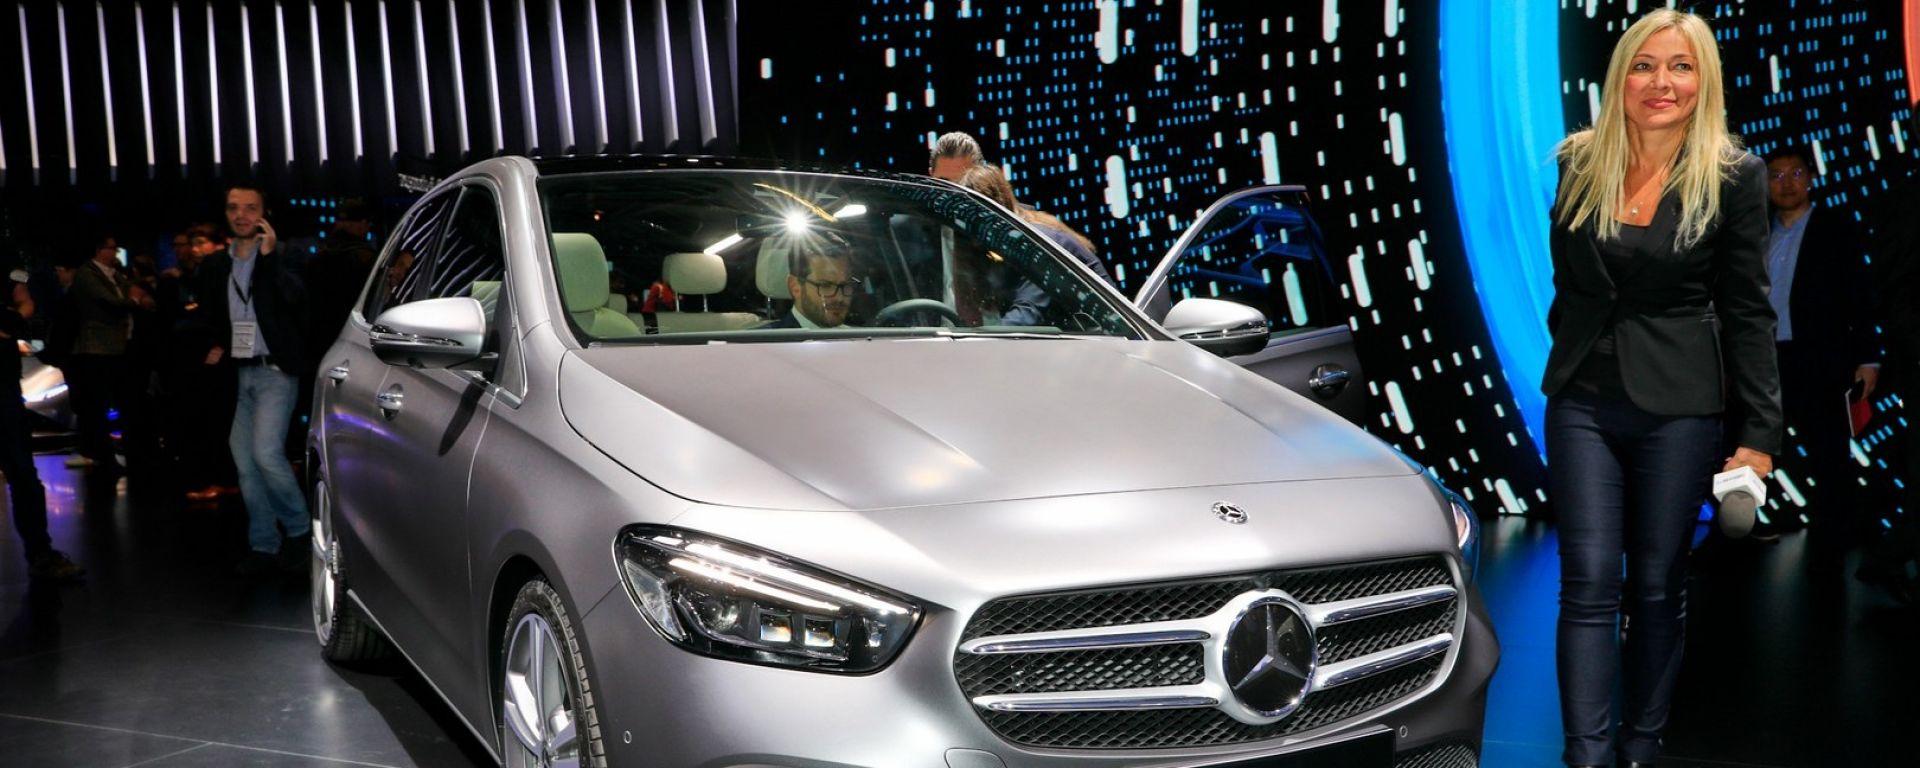 Salone di Parigi 2018: le novità allo stand Mercedes